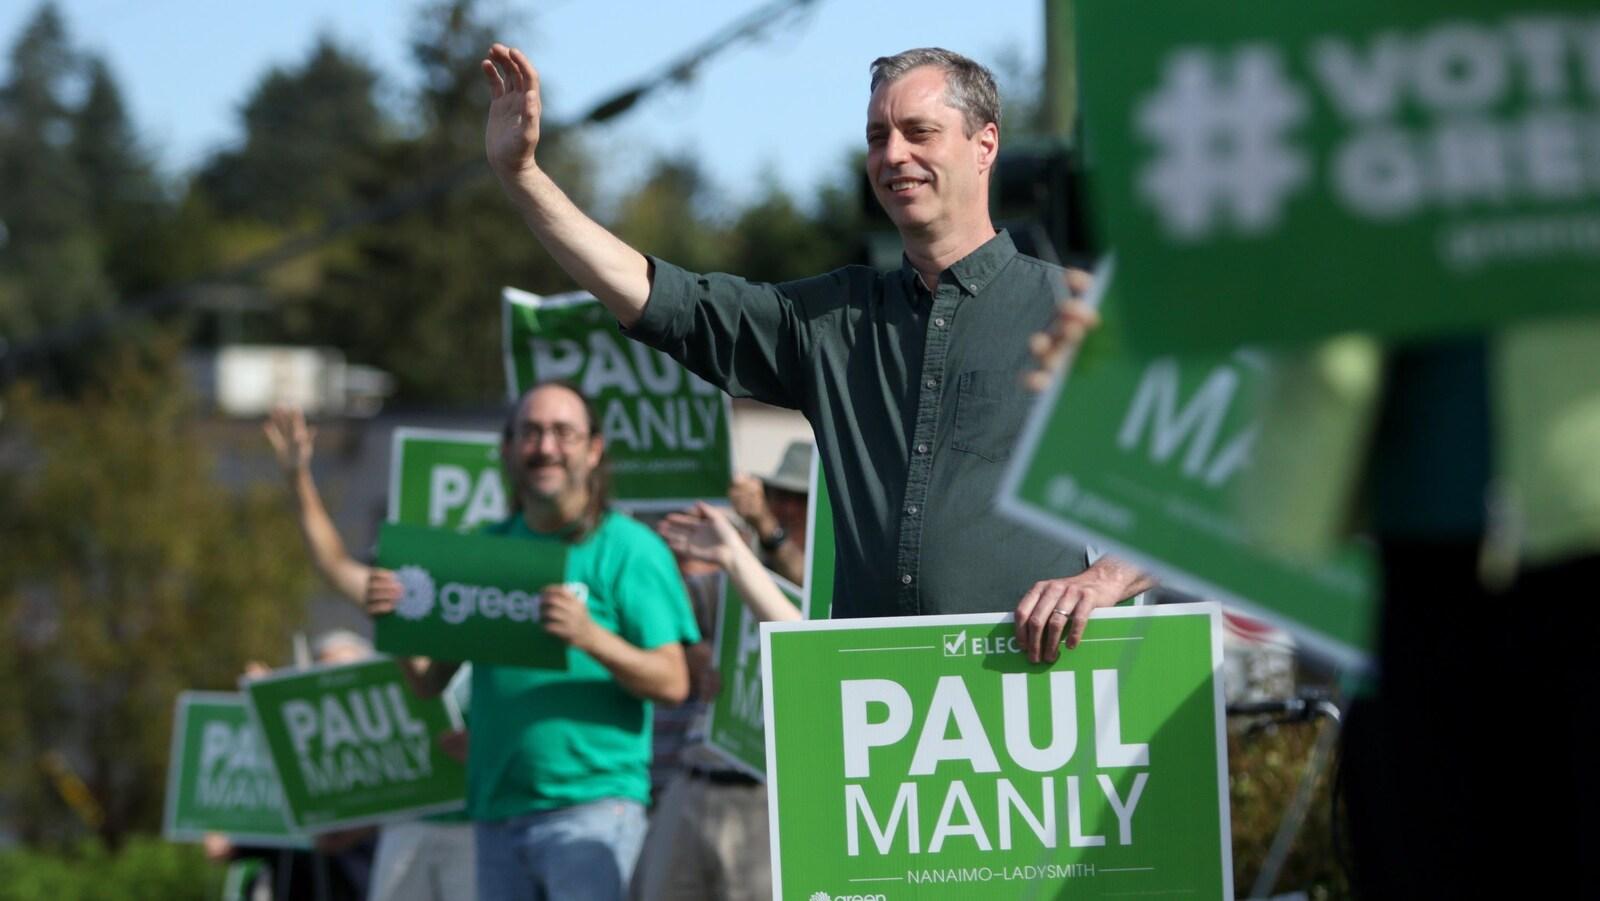 Paul Manly salue ses partisans lors d'un événement.